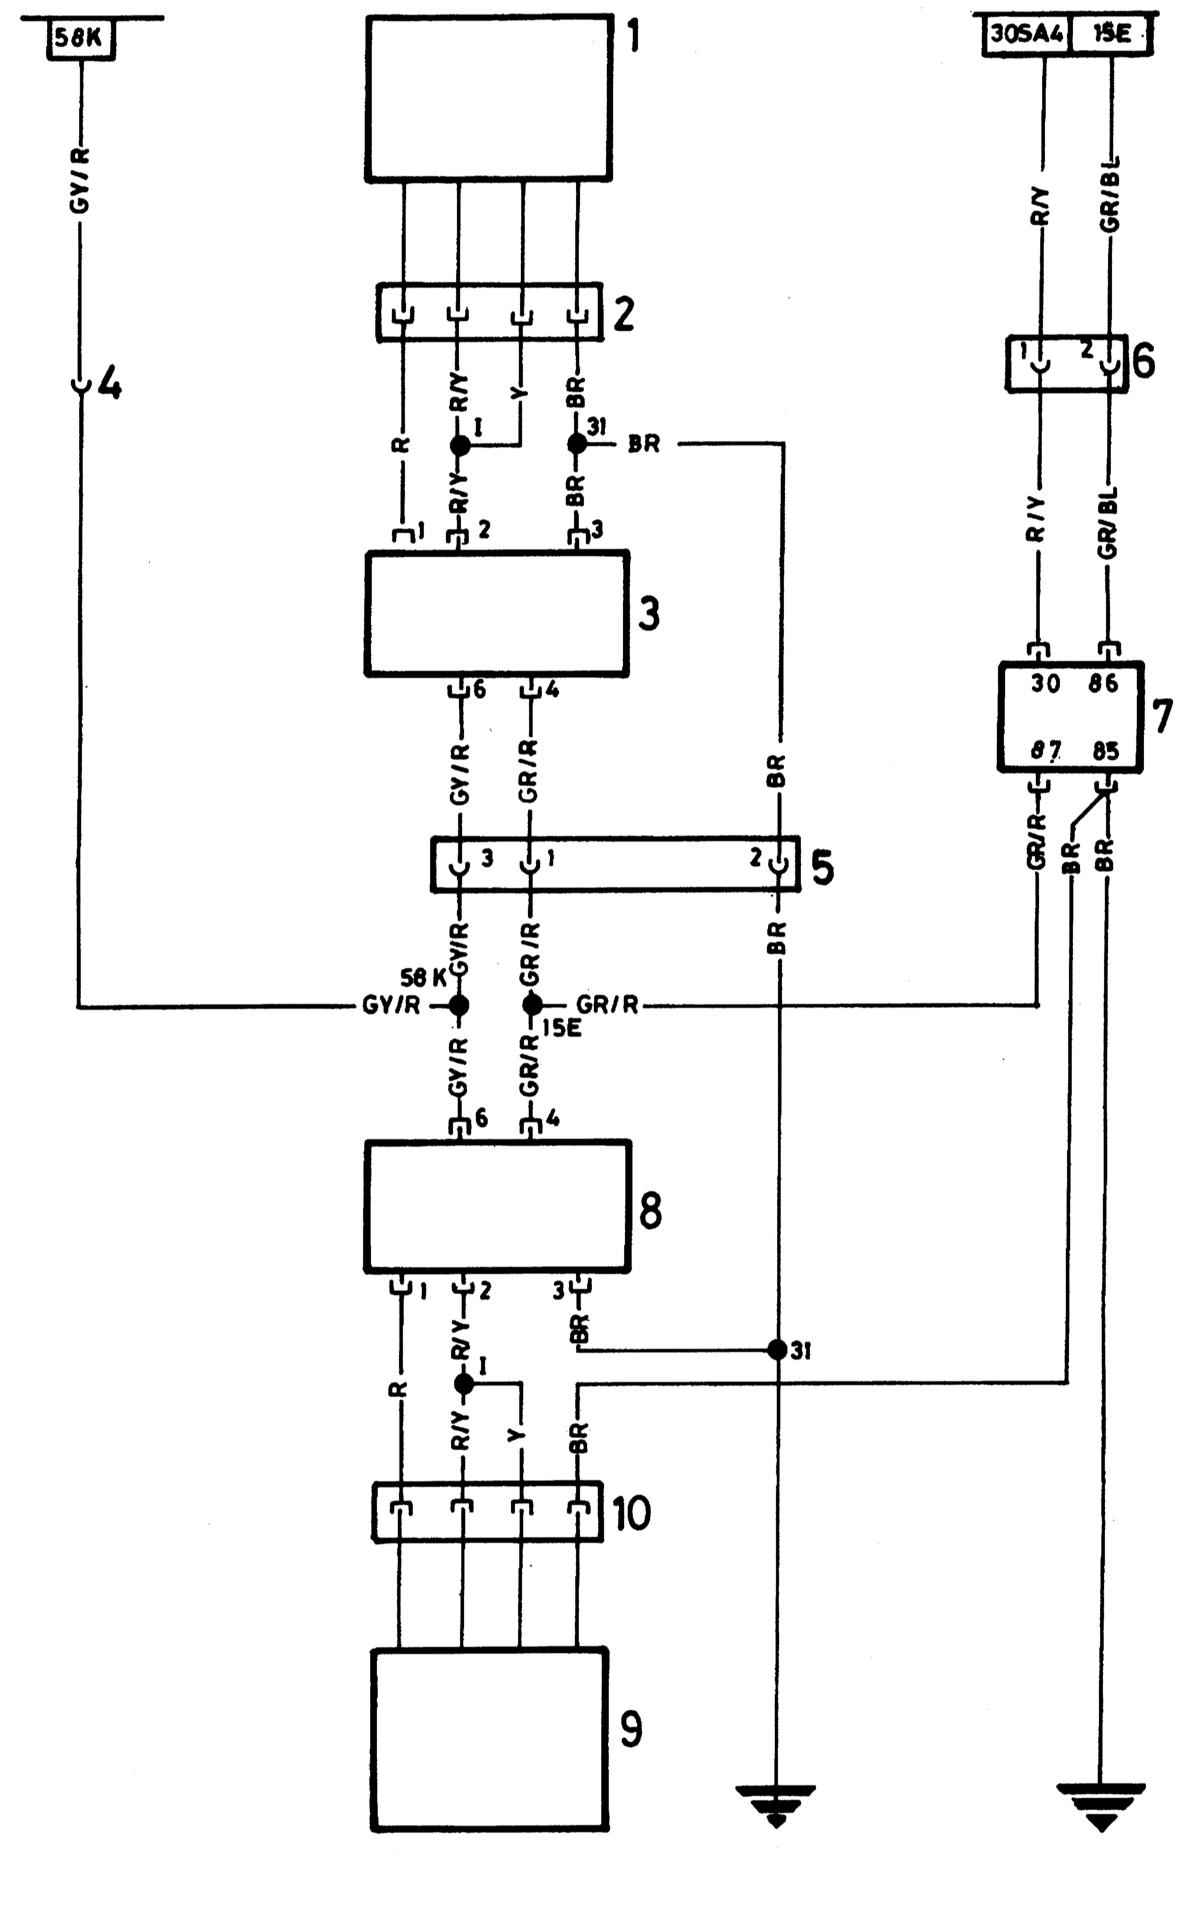 6 - Штекер провода подогрева сиденья (сторона водителя) к штекеру для подключения специального оборудования (15Е и...